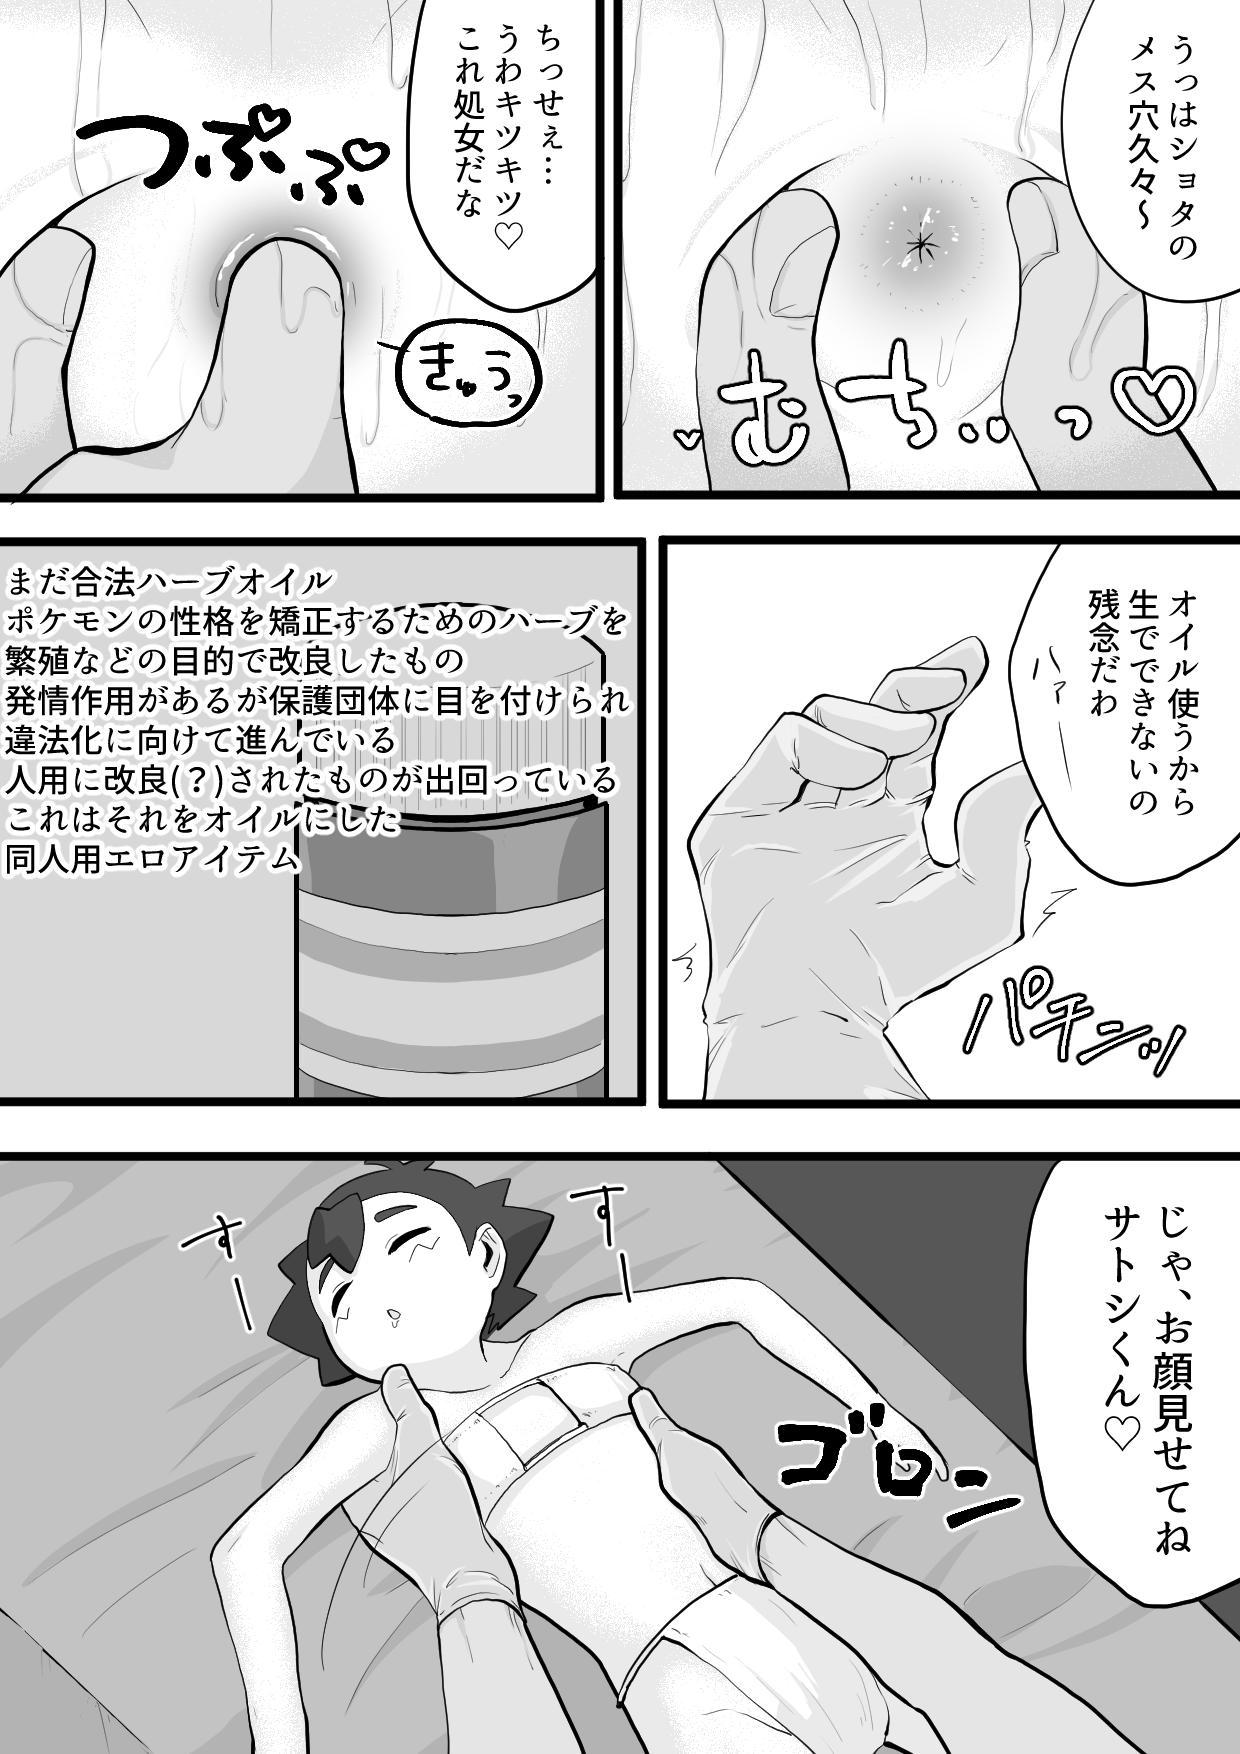 Satoshi-kun ga Gararu no Koukyuu Massage ni Iku Hanashi 7